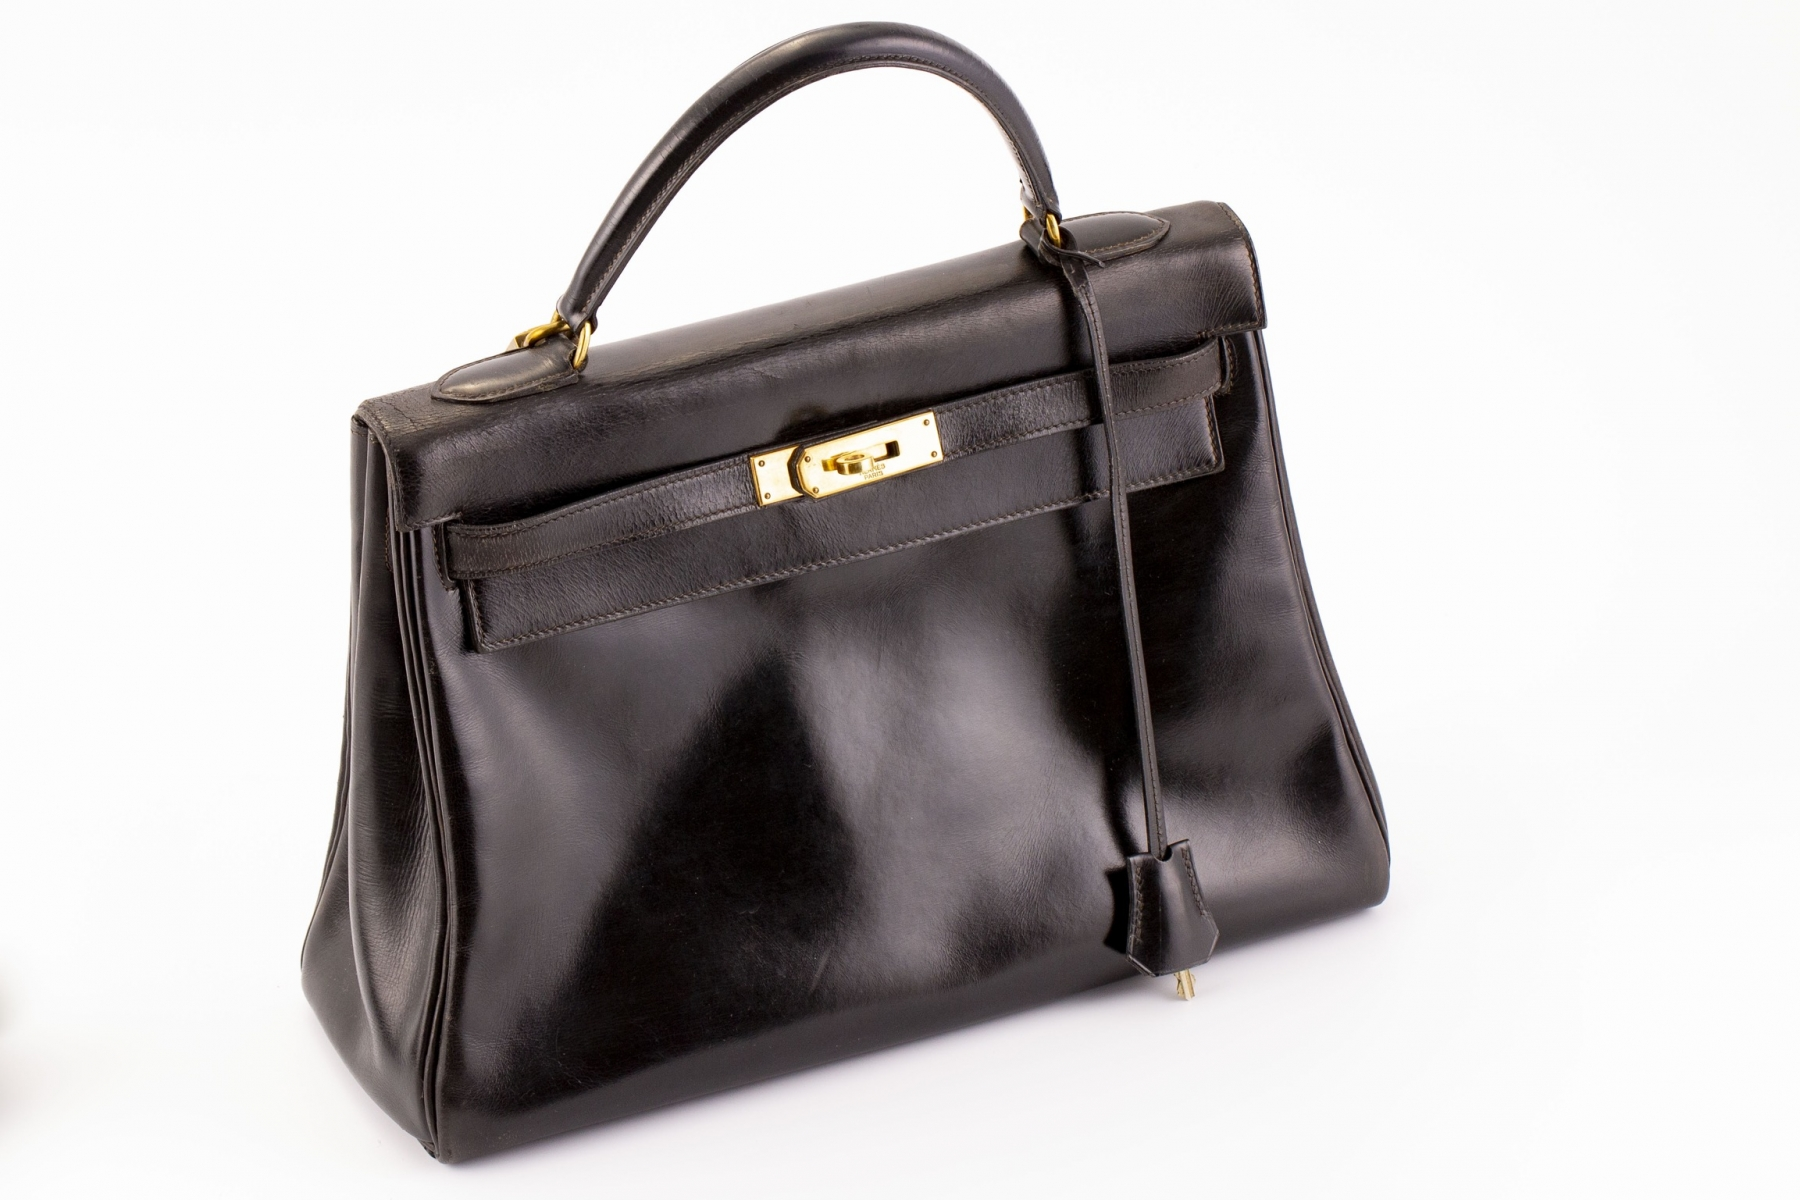 263 - HERMES Paris. Sac modèle Kelly en cuir noir. Adjugé 2000€